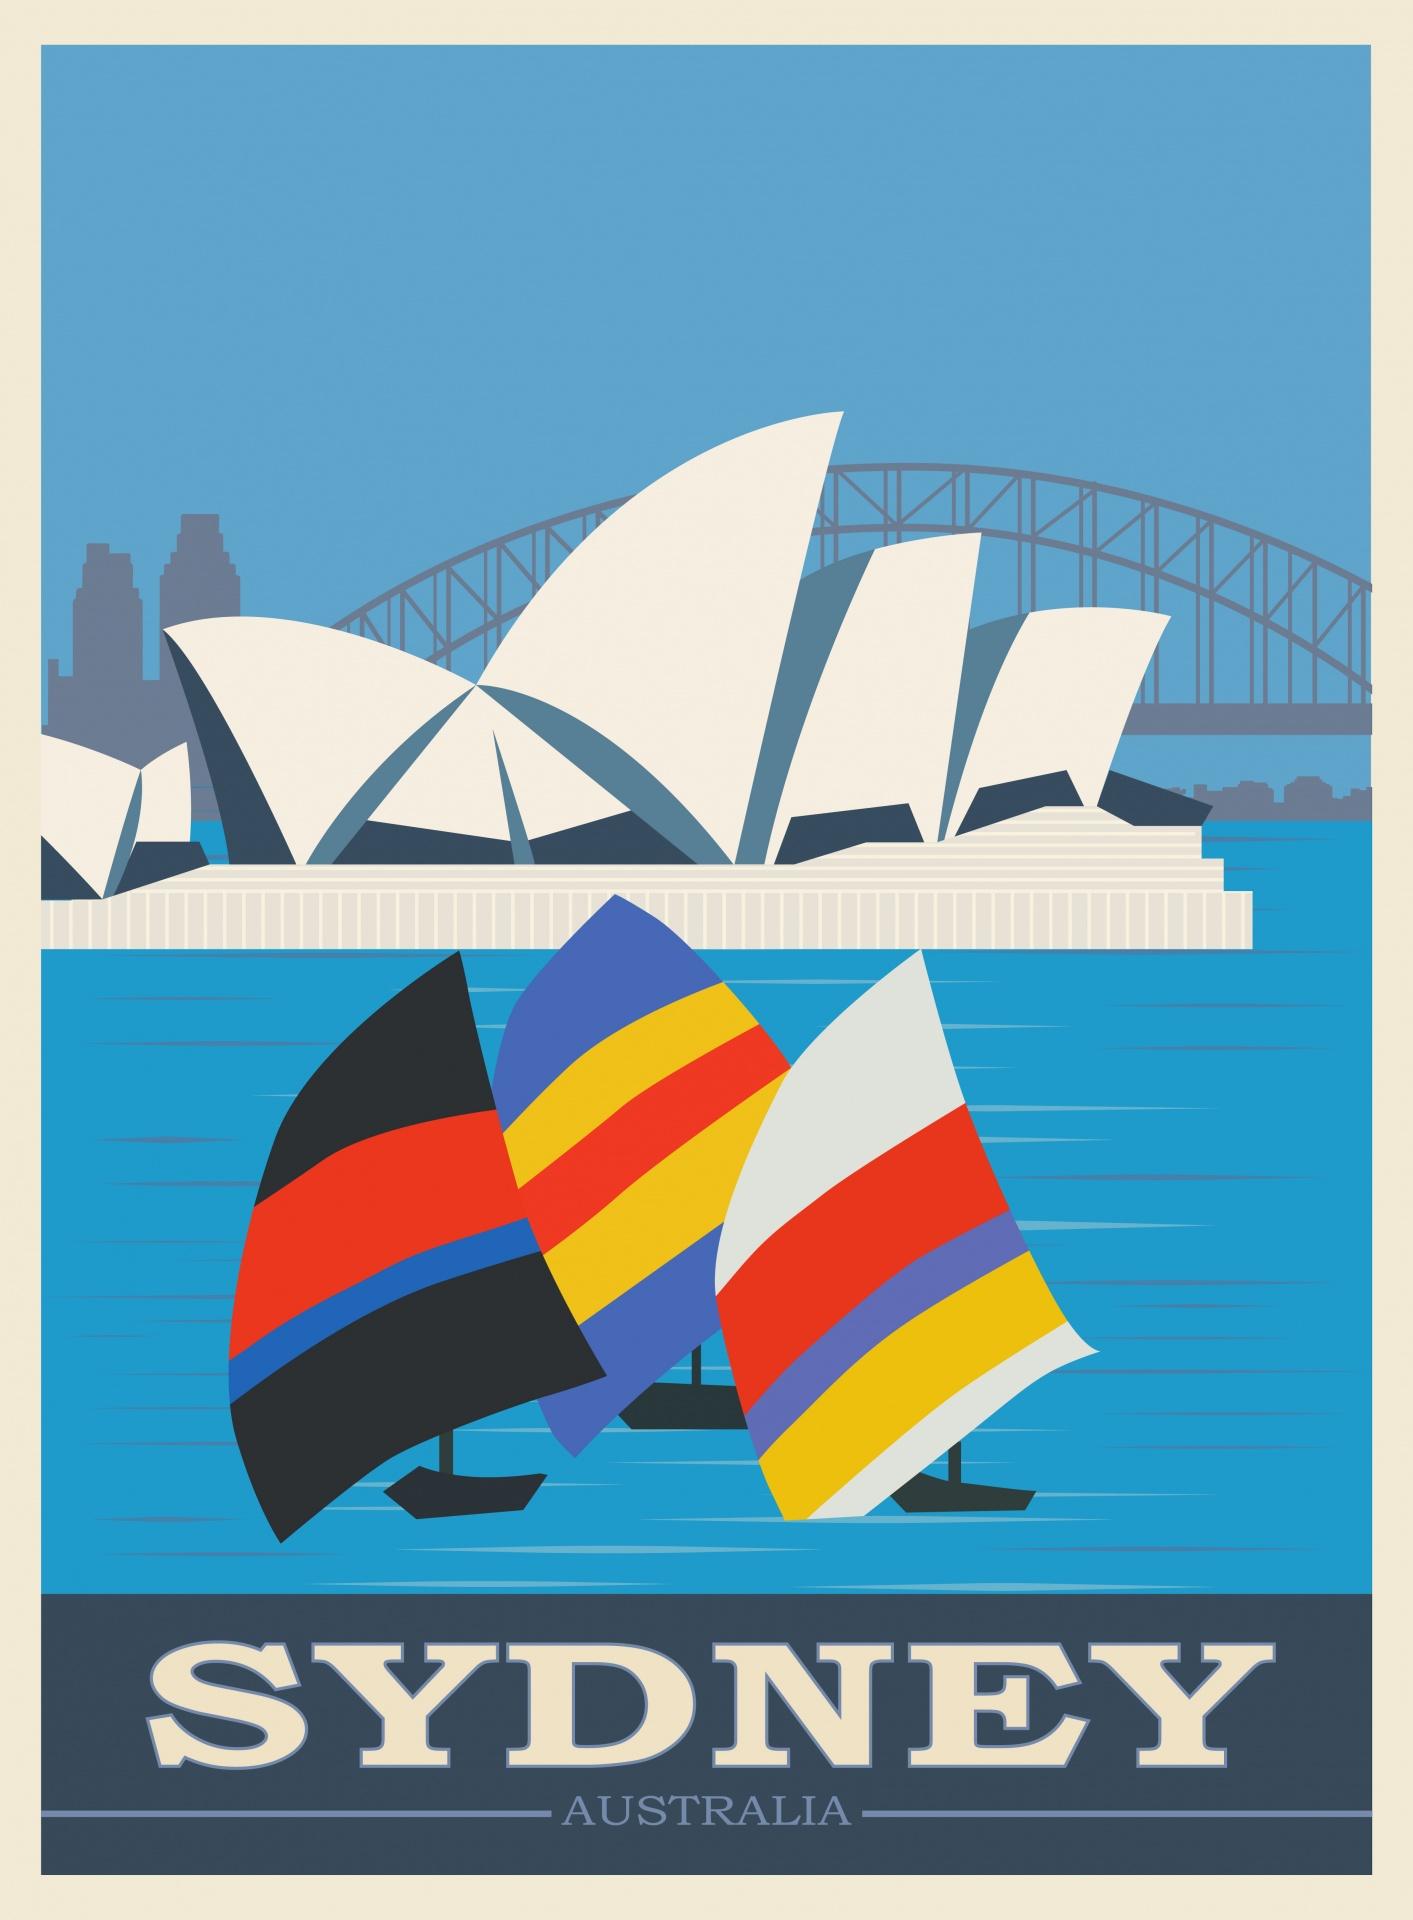 sydney australia travel poster